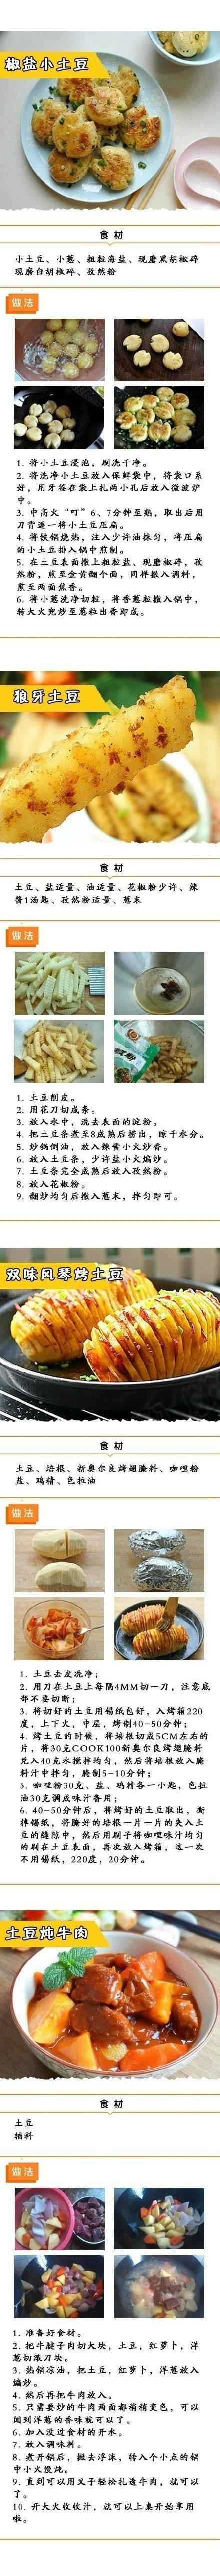 吃货分享|36种土豆新吃法